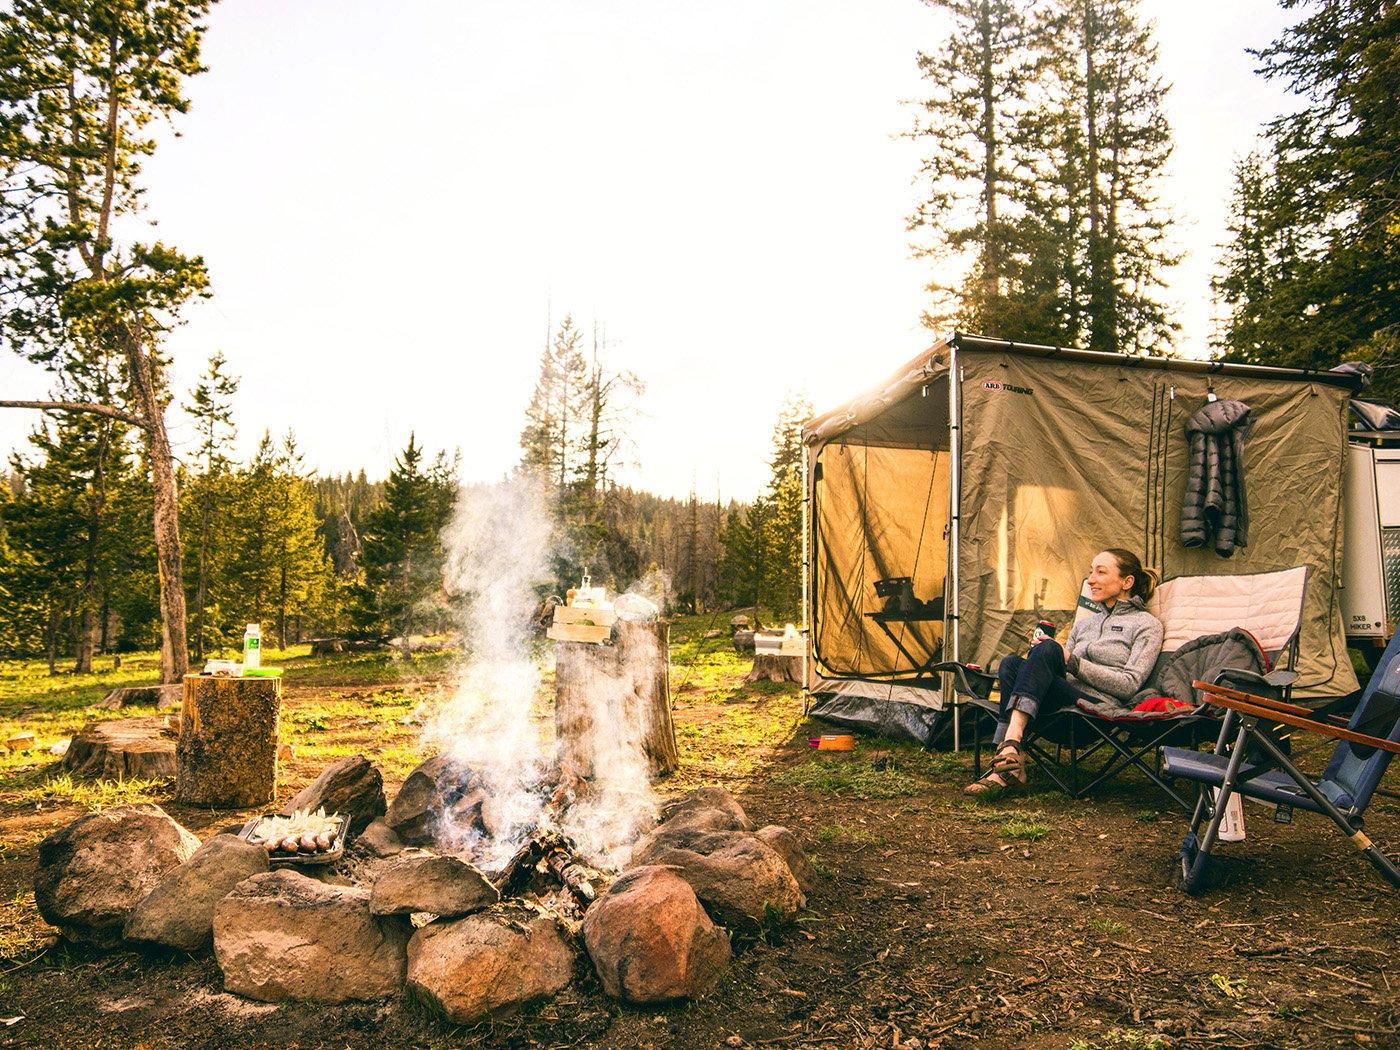 Wohnen auf dem Campingplatz Leben